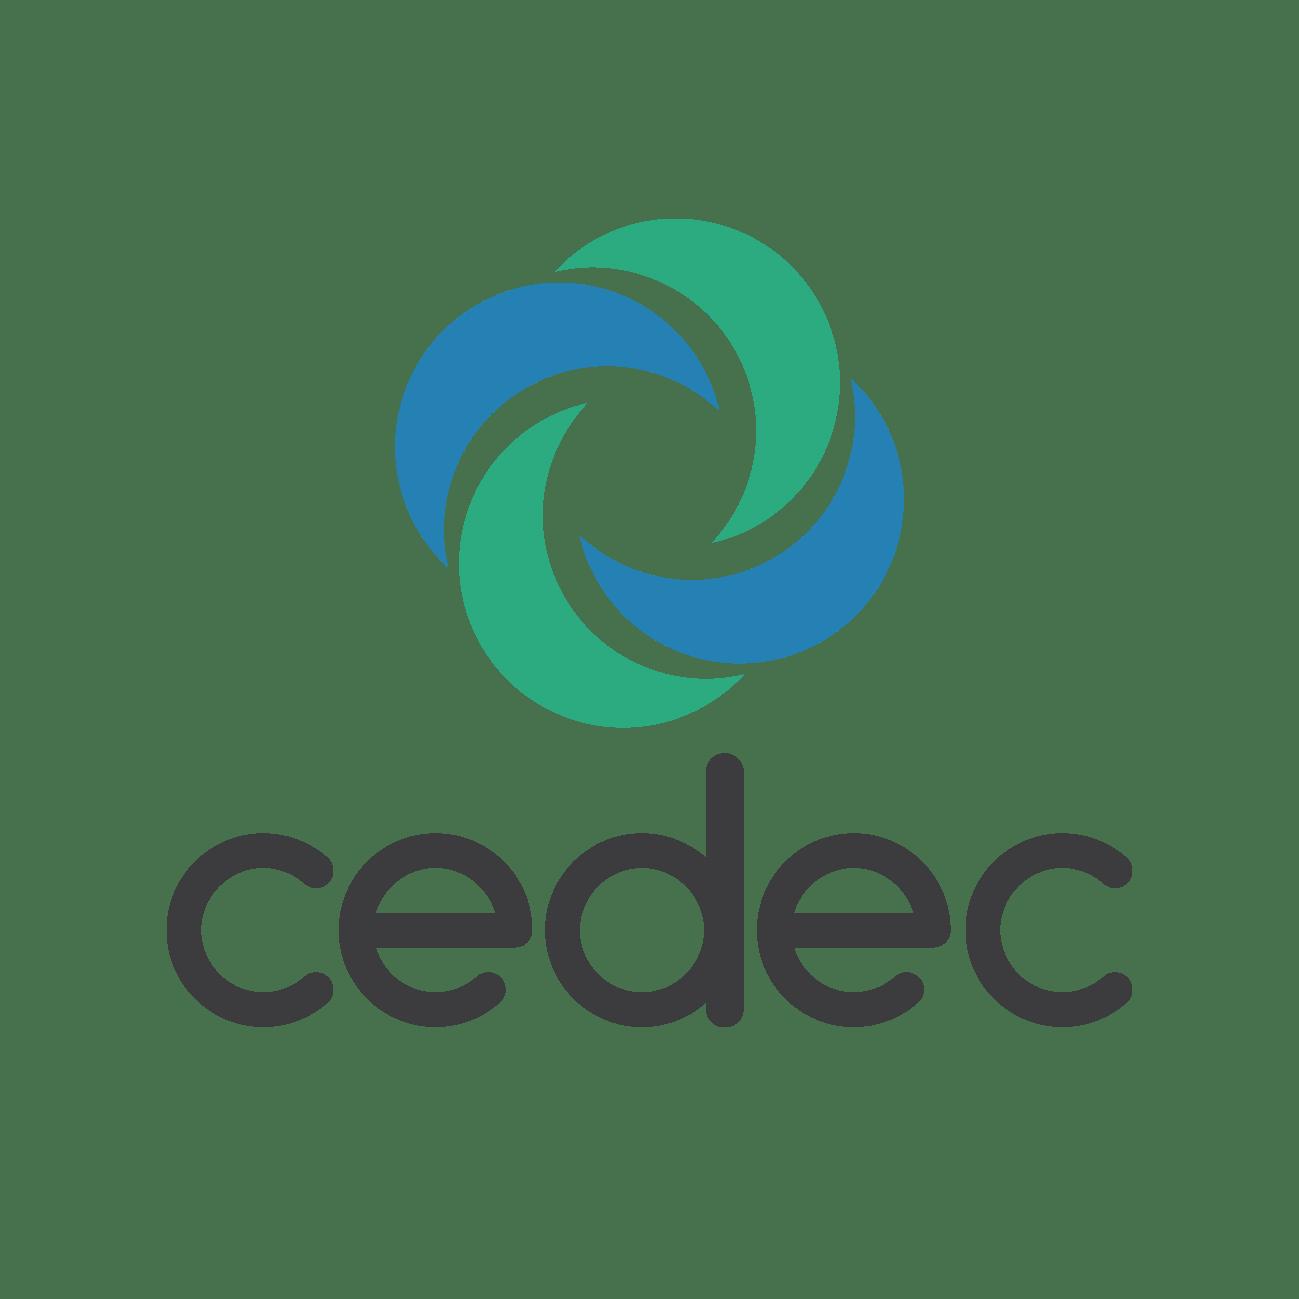 CEDEC | Centro de Estudios de Emprendimientos Culturales